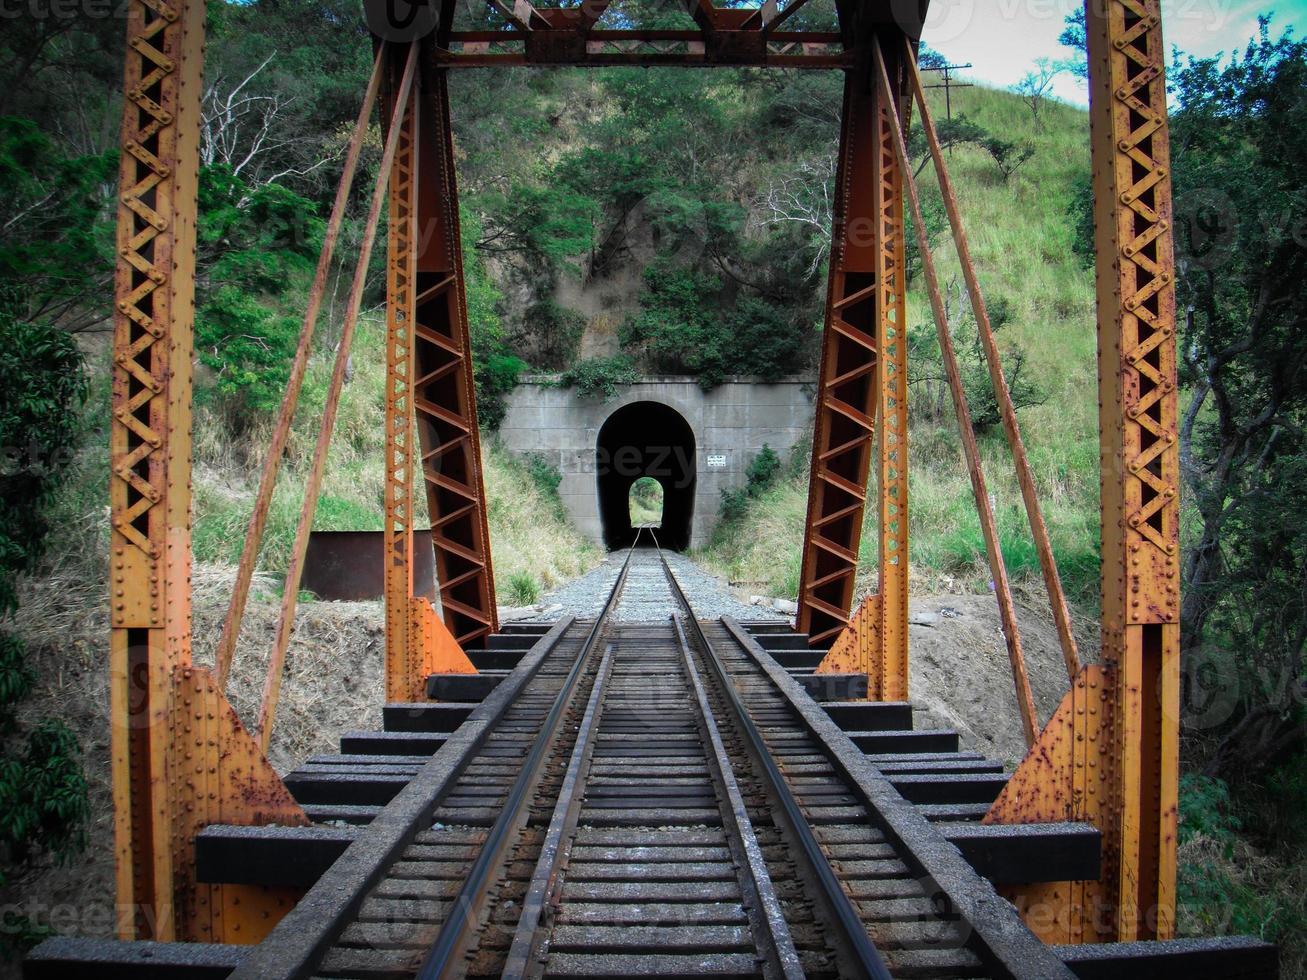 túnel no final da ponte foto